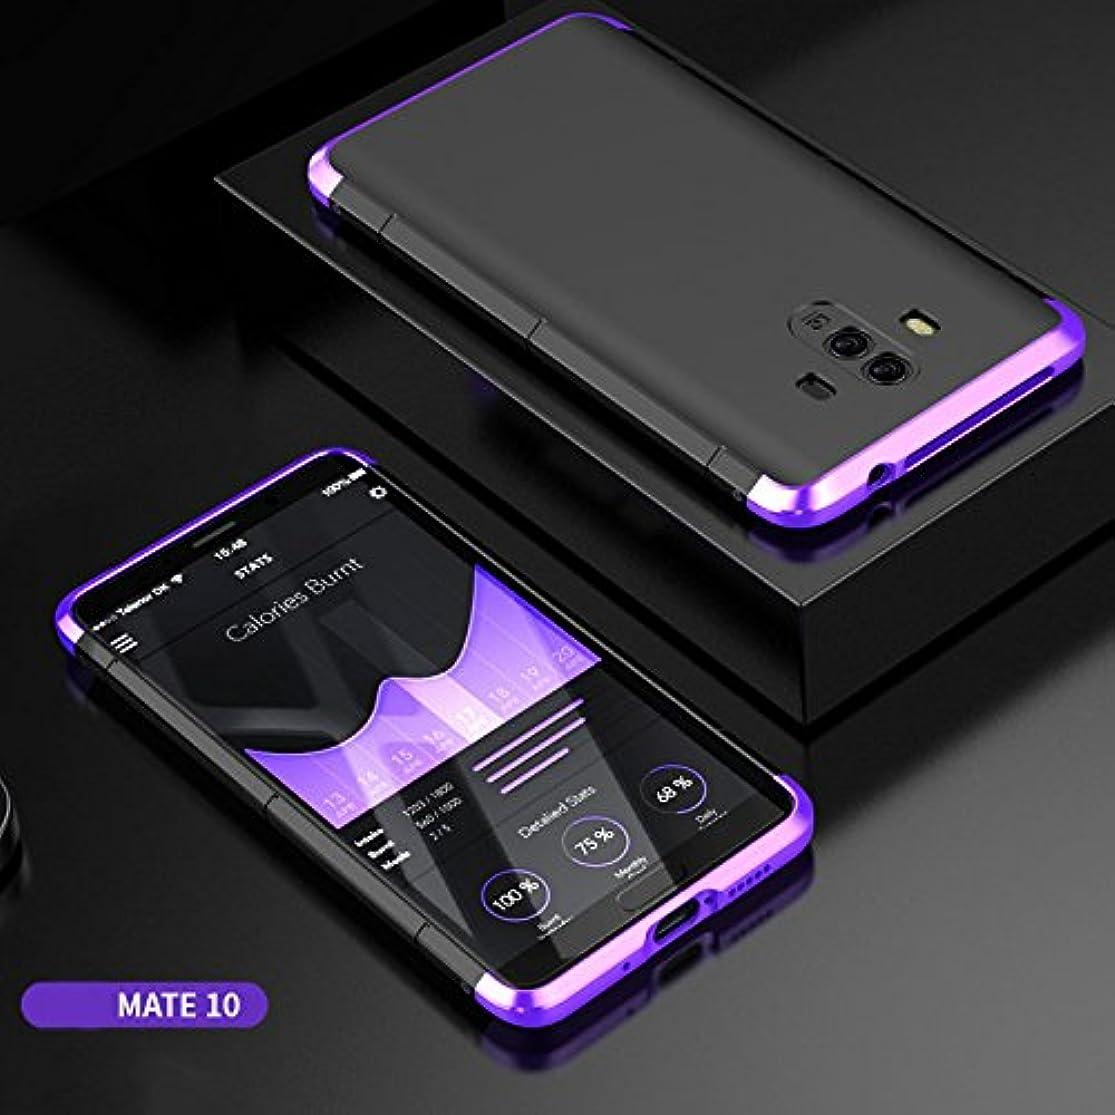 大破便利くJicorzo - Huawei社メイト10 Coqueのために華為メイト10電話ケース耐衝撃バンパーフレームシェルのためにファッションメタル+ PC電話裏表紙